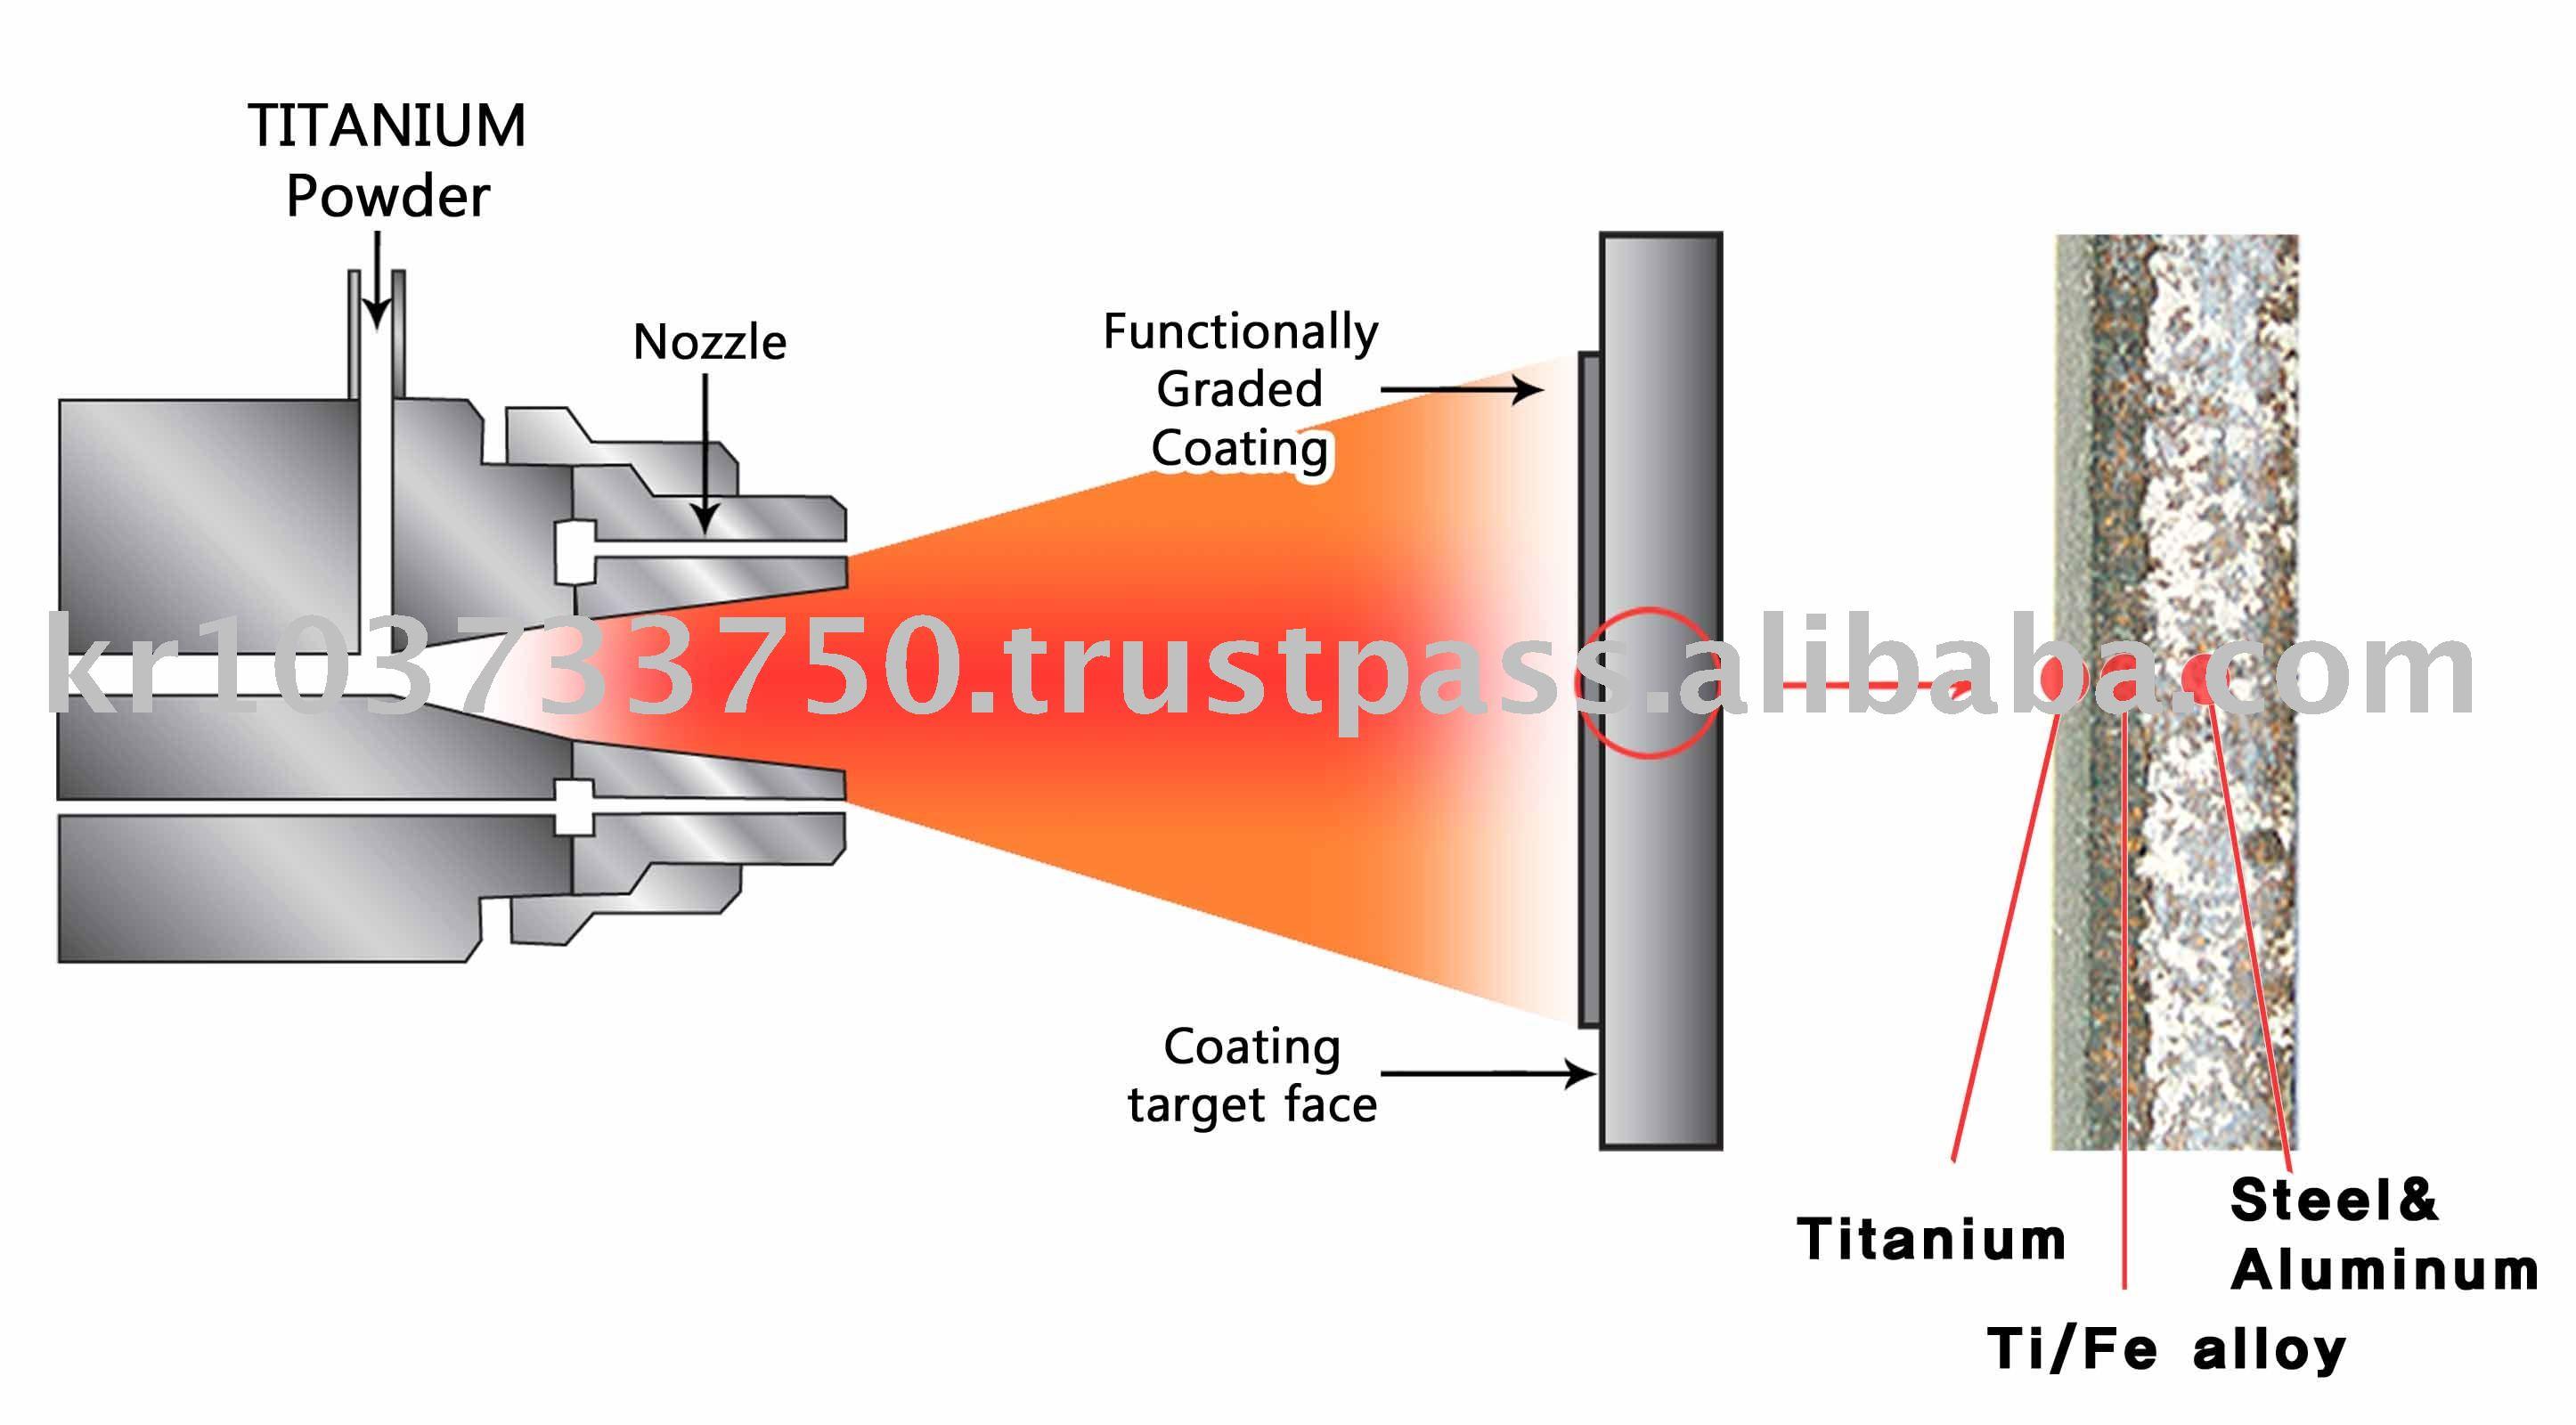 Titanium plasma cookware qvc